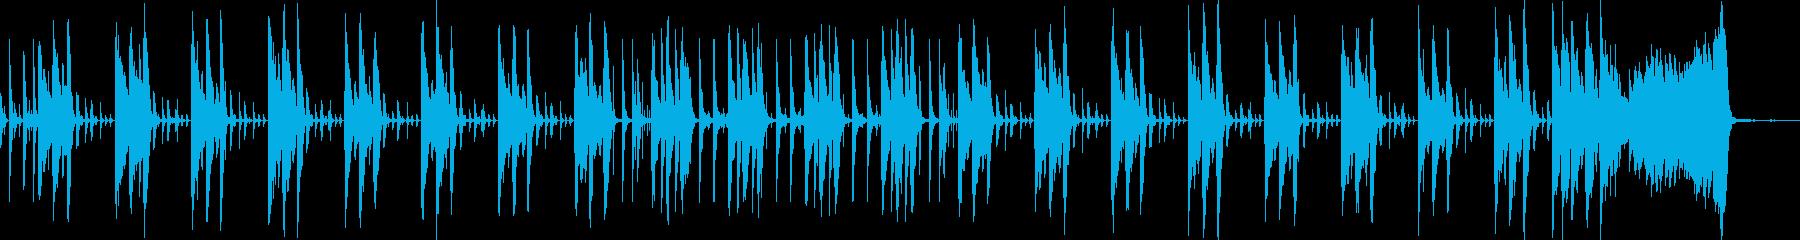 サスペンス・実験・検証な感じの再生済みの波形